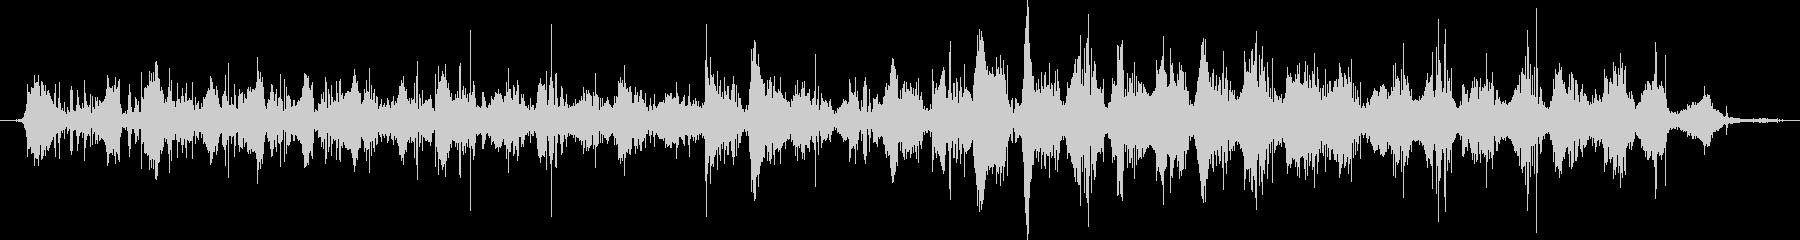 ルーズカリカリディープスノー:ラン...の未再生の波形